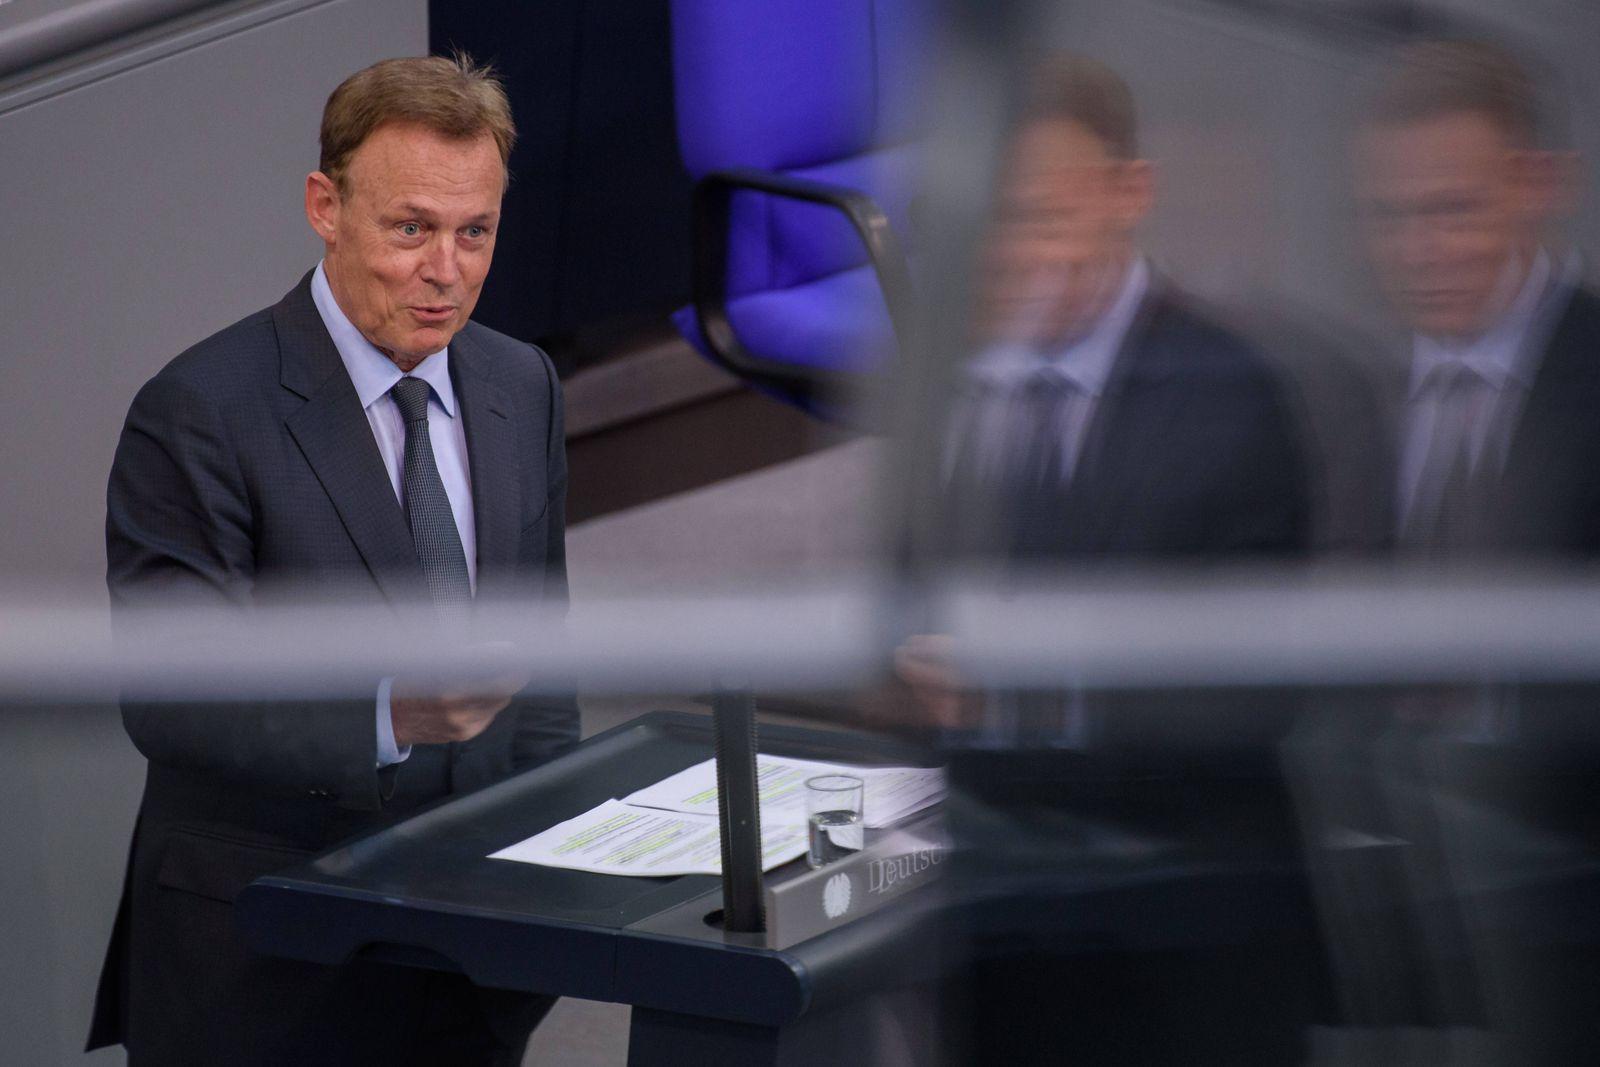 Sitzung des deutschen Bundestags Deutschland, Berlin - 26.06.2019: Im Bild ist Thomas Oppermann (Vizepräsident Deutsche